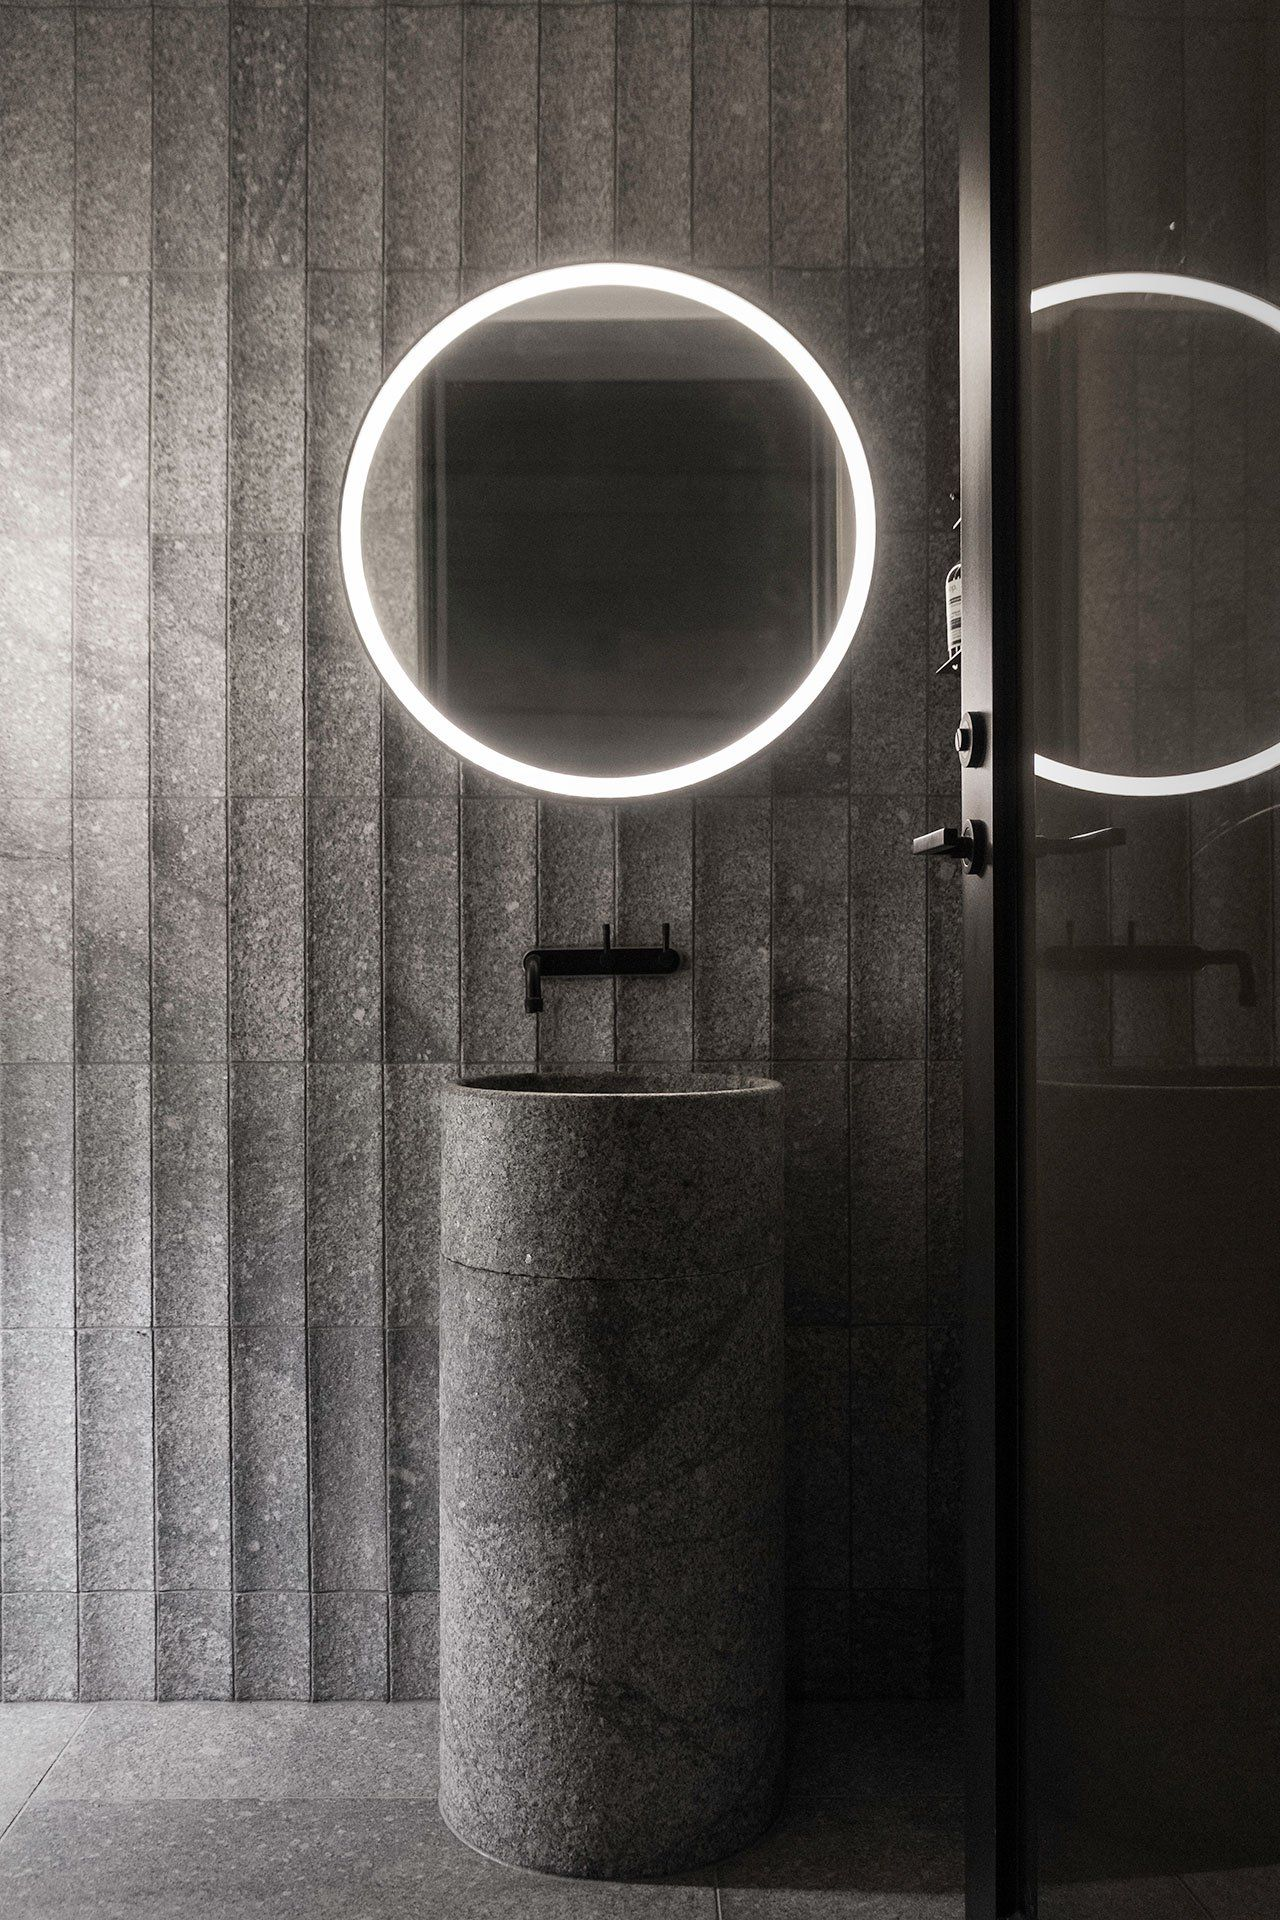 Salle De Bain Giovanni ~  pingl par giovanni locci sur b_bathroom pinterest salle de